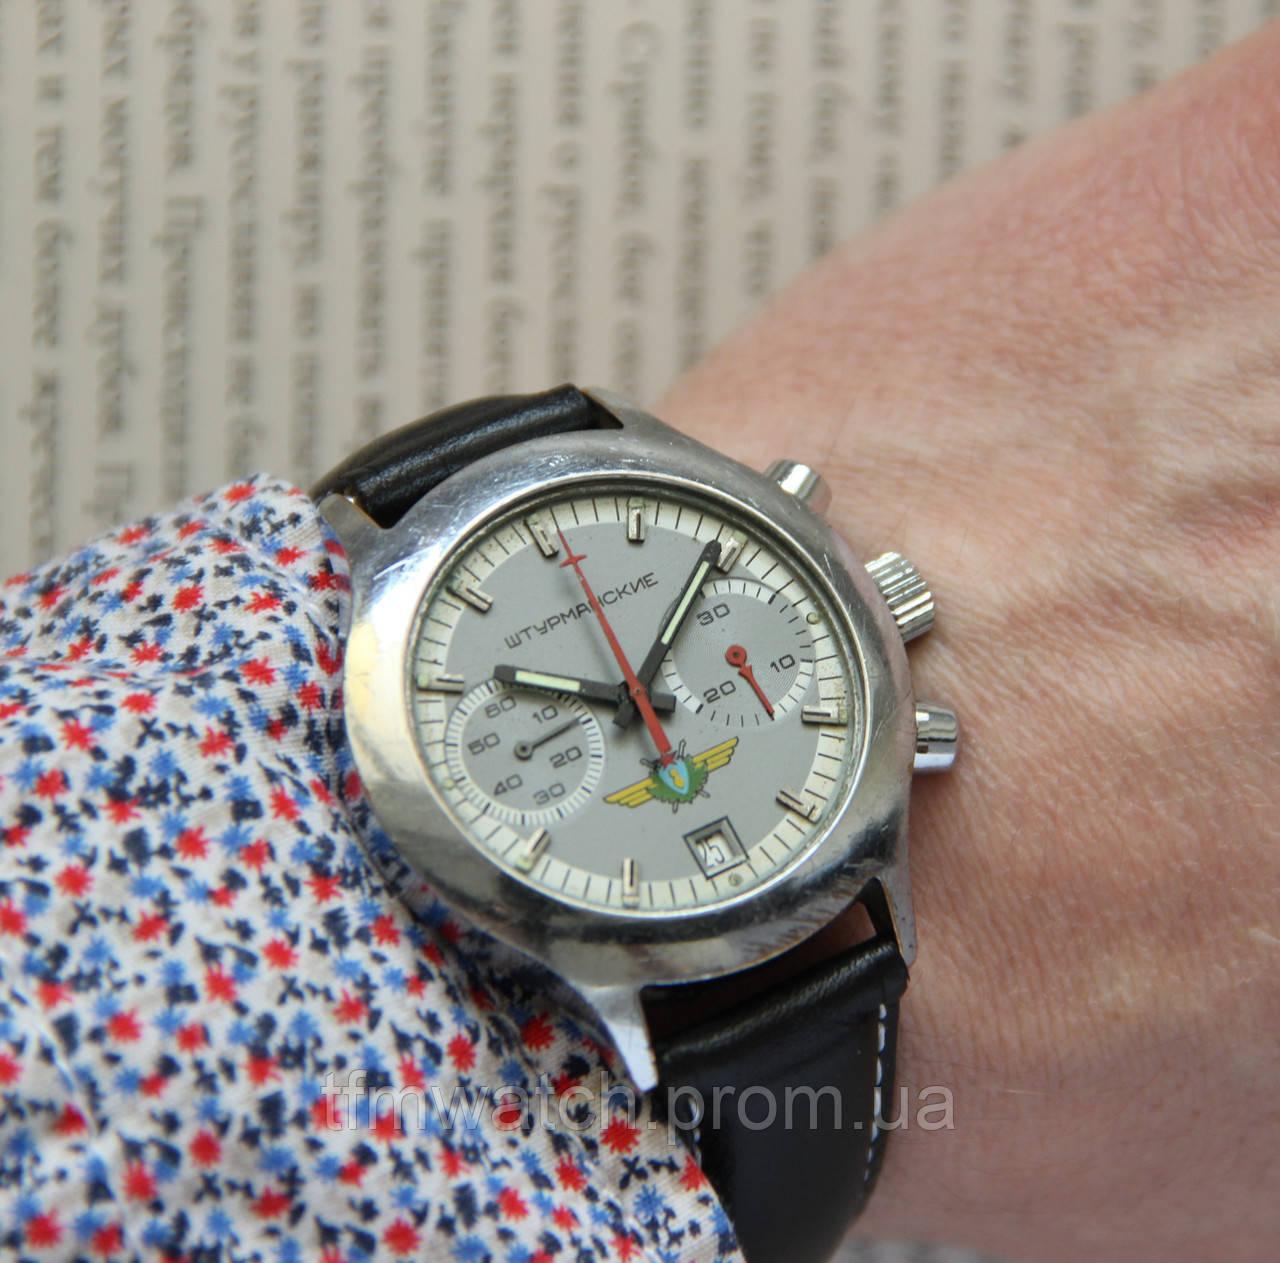 Штурманские часы 3133 купить купить дракон песочные часы